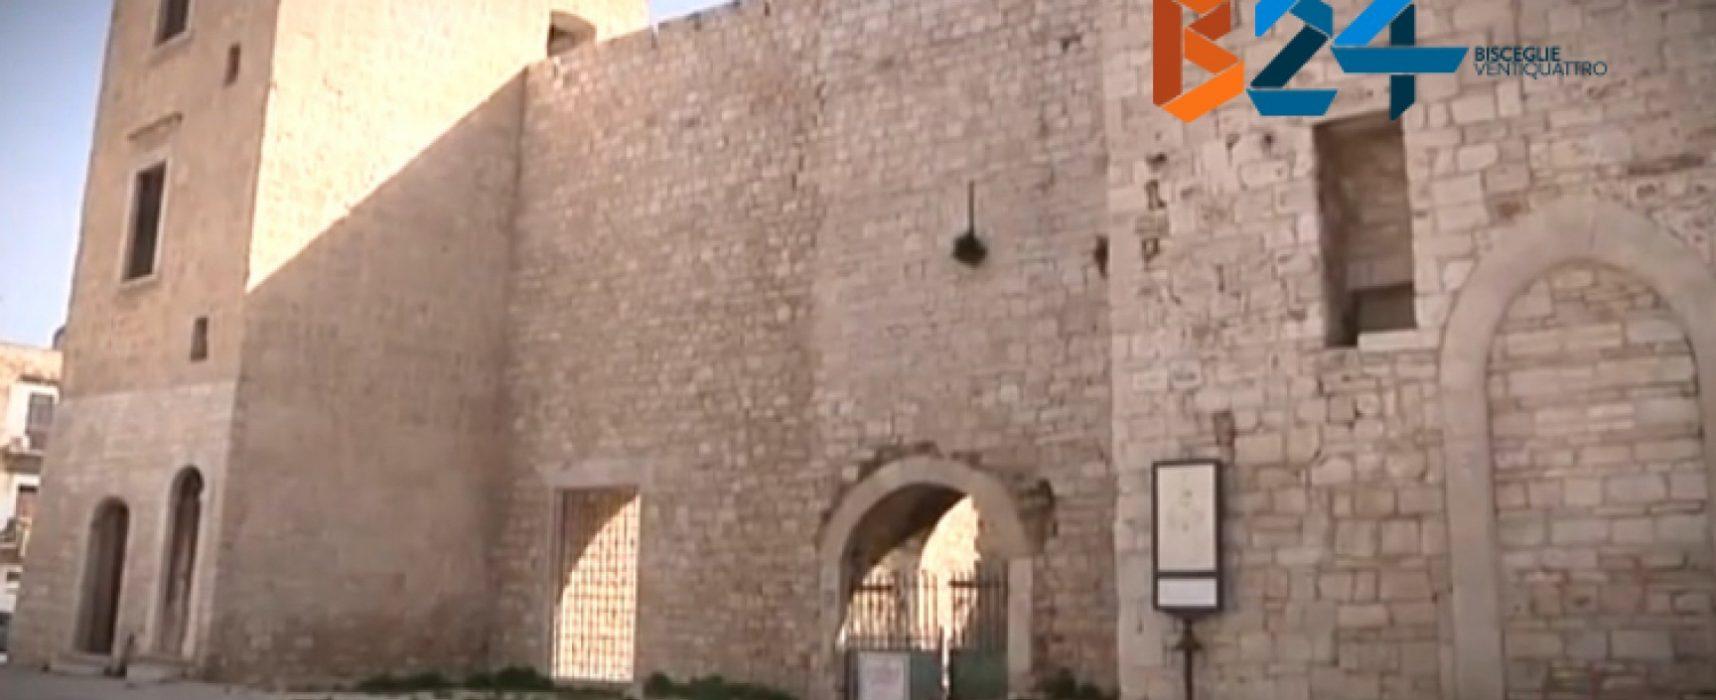 Usi, costumi e tradizioni biscegliesi, la Pro Loco organizza una mostra al Castello